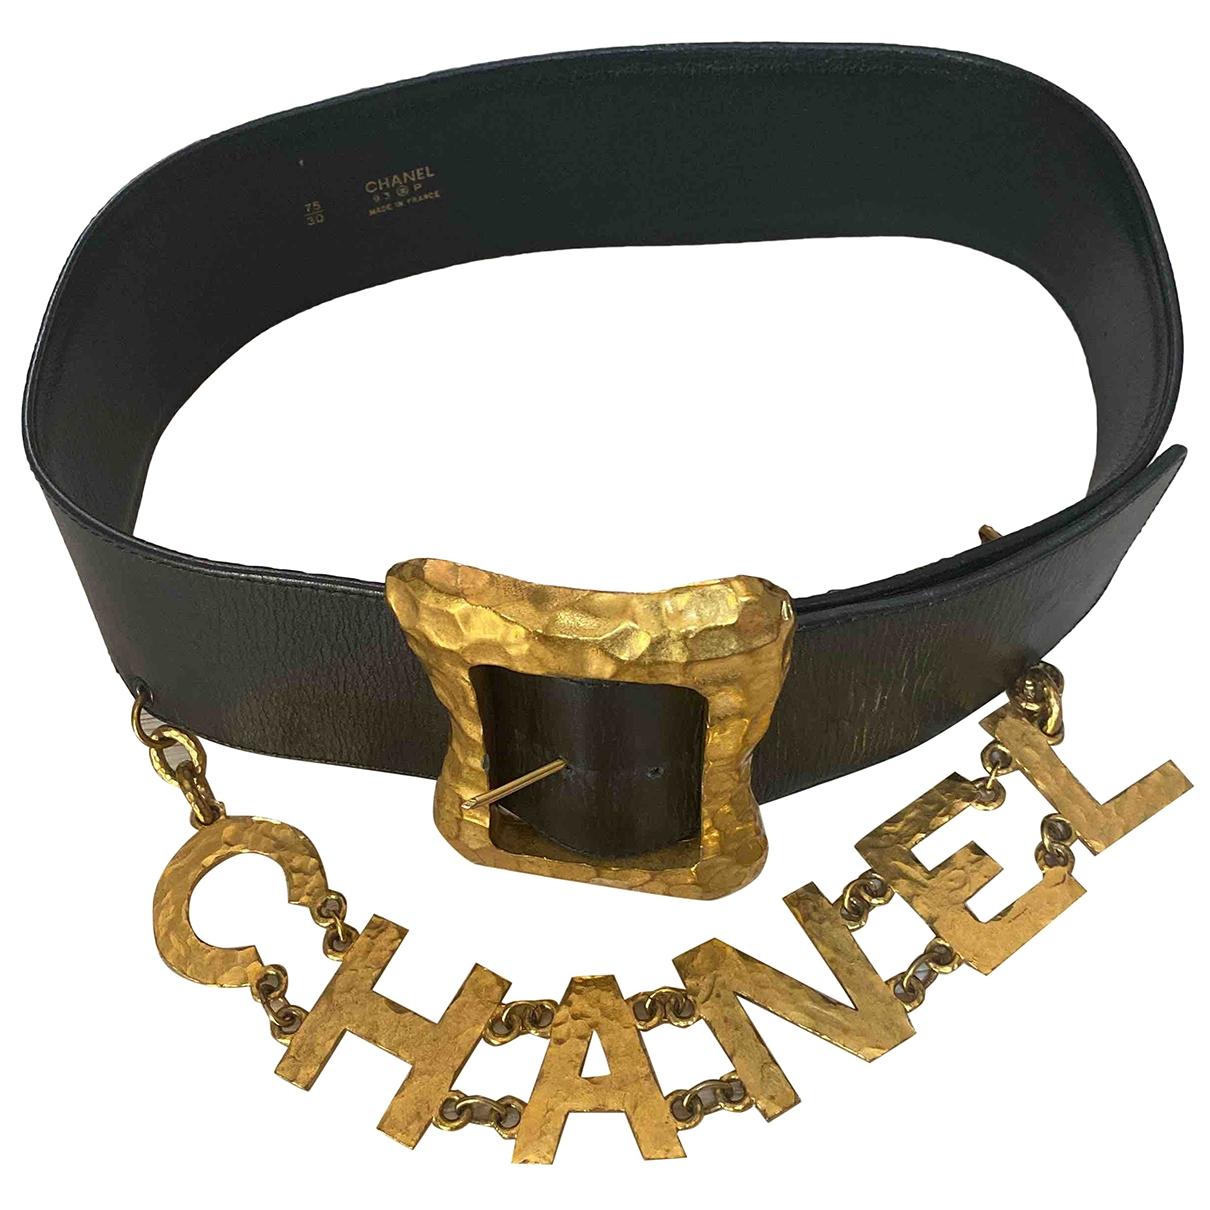 Cinturon de Cuero Chanel